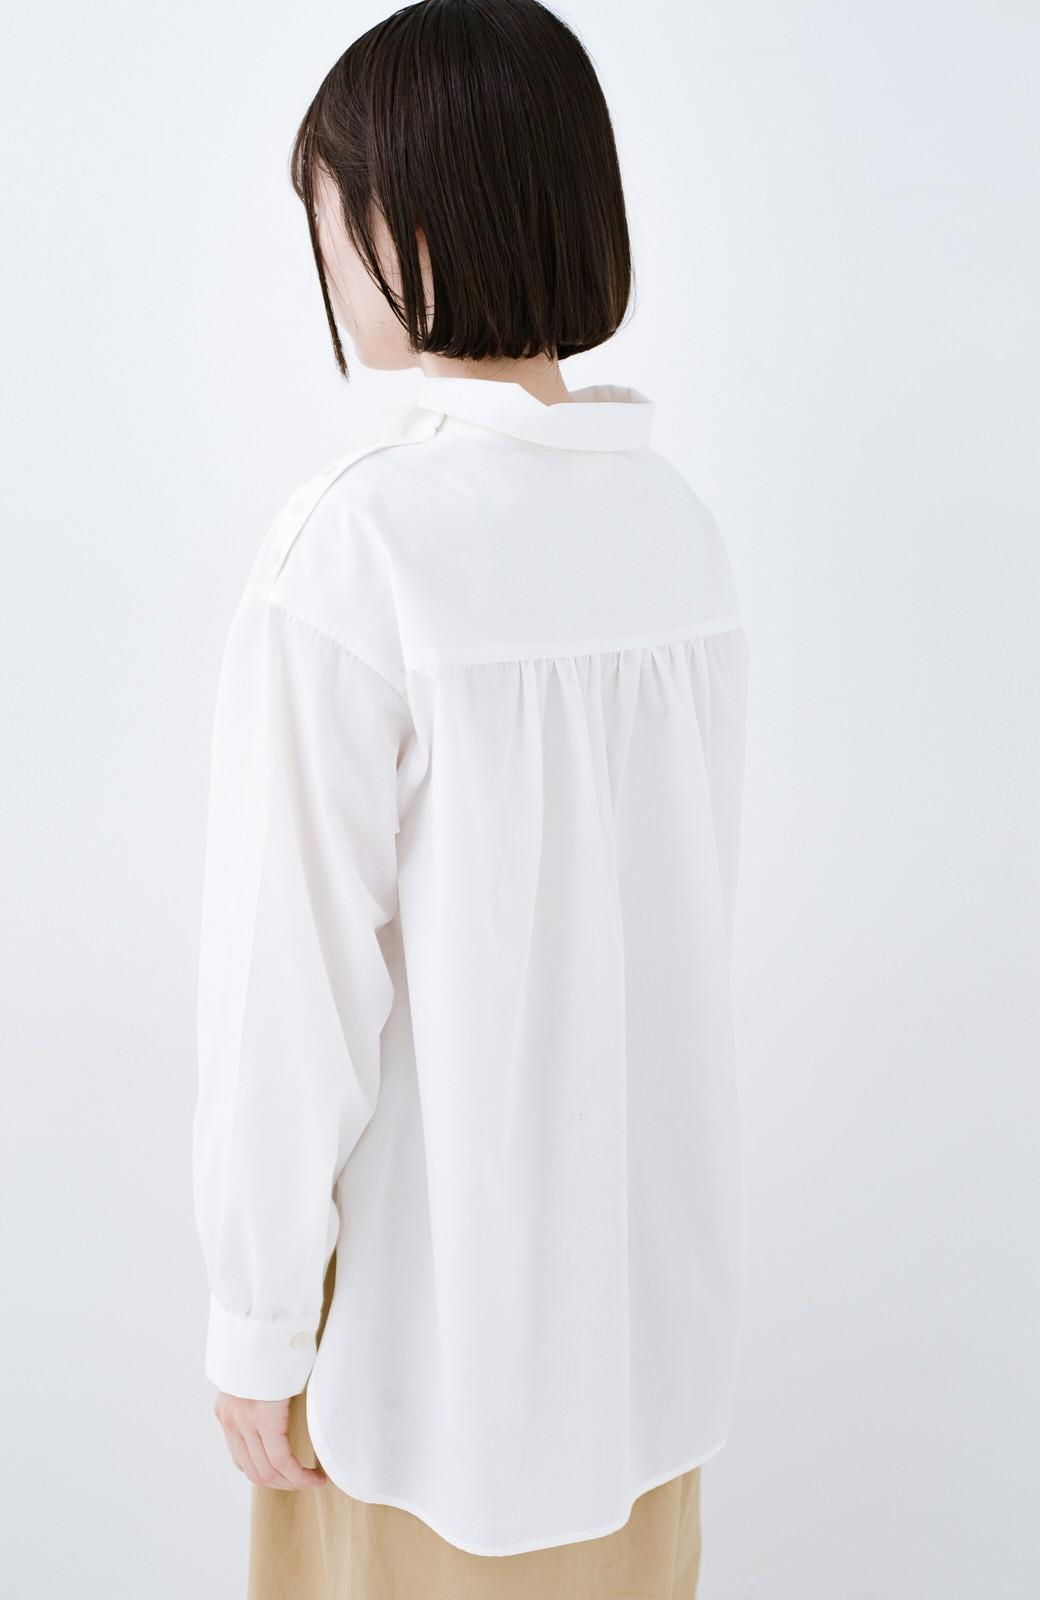 haco! 凛とした気分になる ロールネックシャツ <ホワイト>の商品写真11